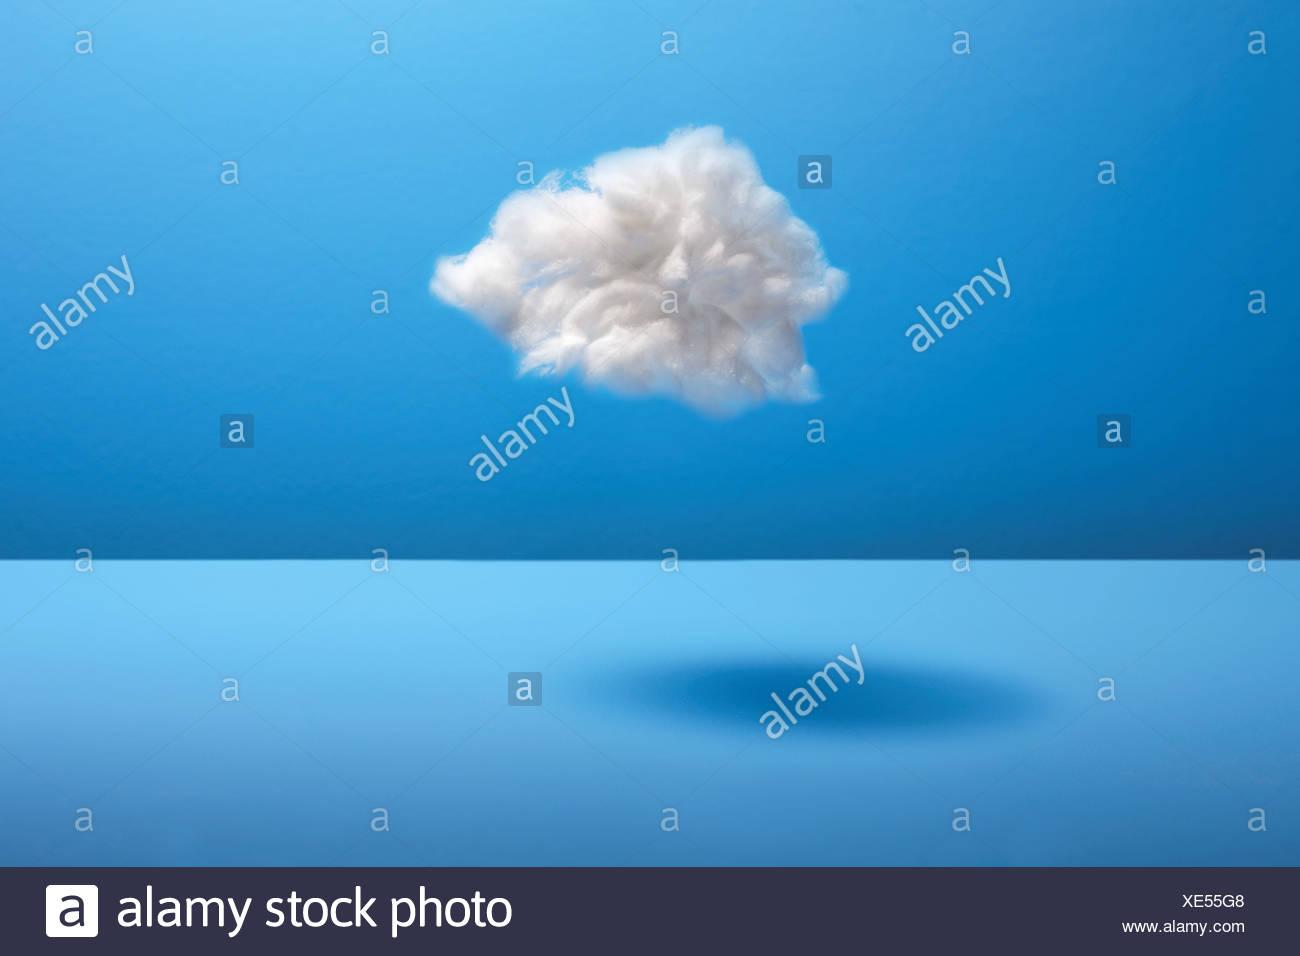 Sfera di cotone cloud contro uno sfondo blu Immagini Stock